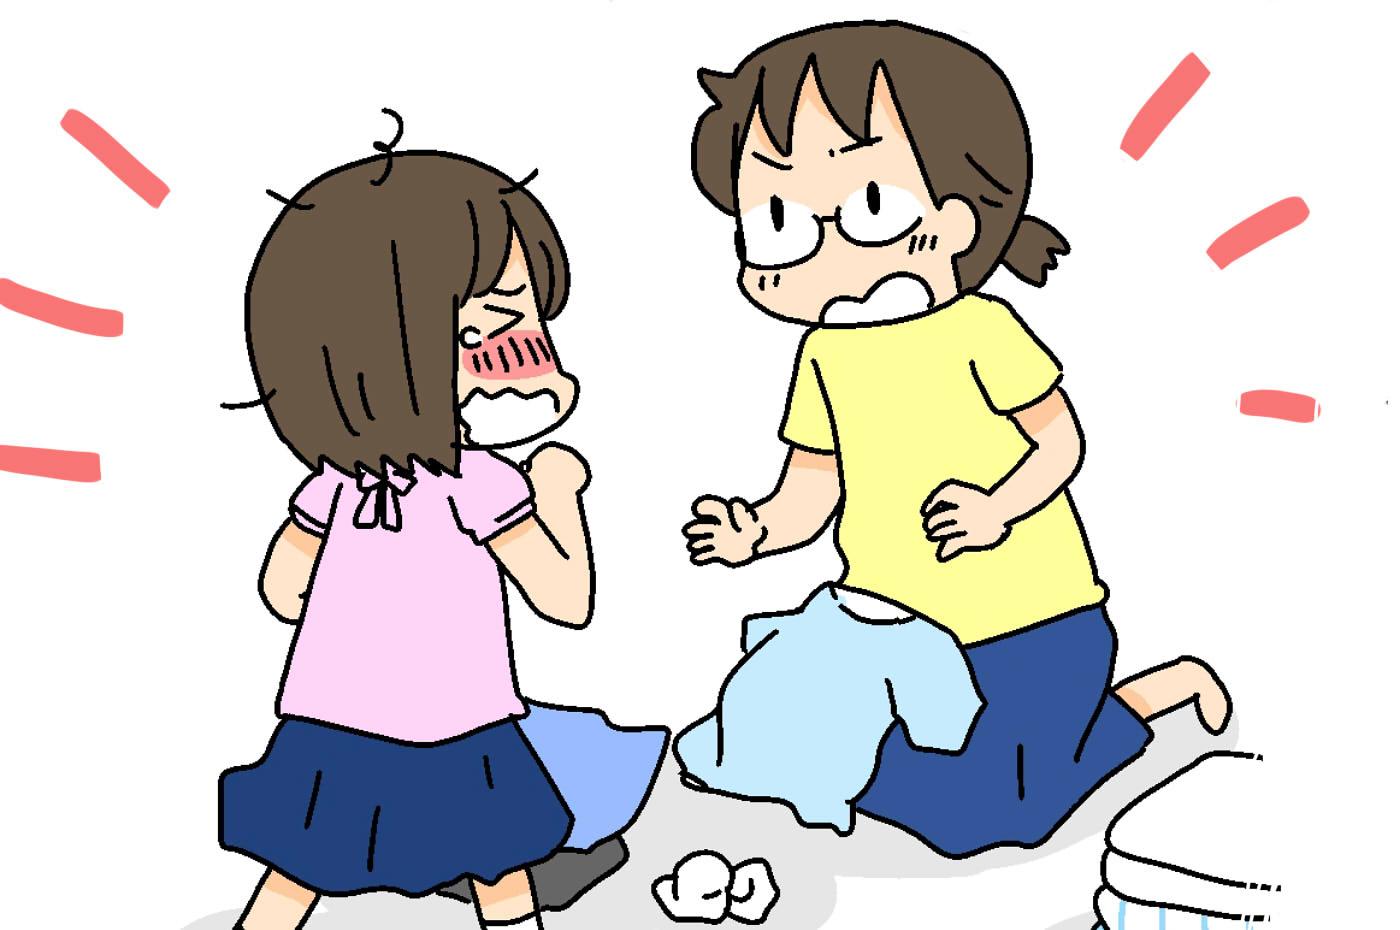 【後編】頻発するお友達トラブル! 子ども同士の話し合いだけで円満解決なるか?